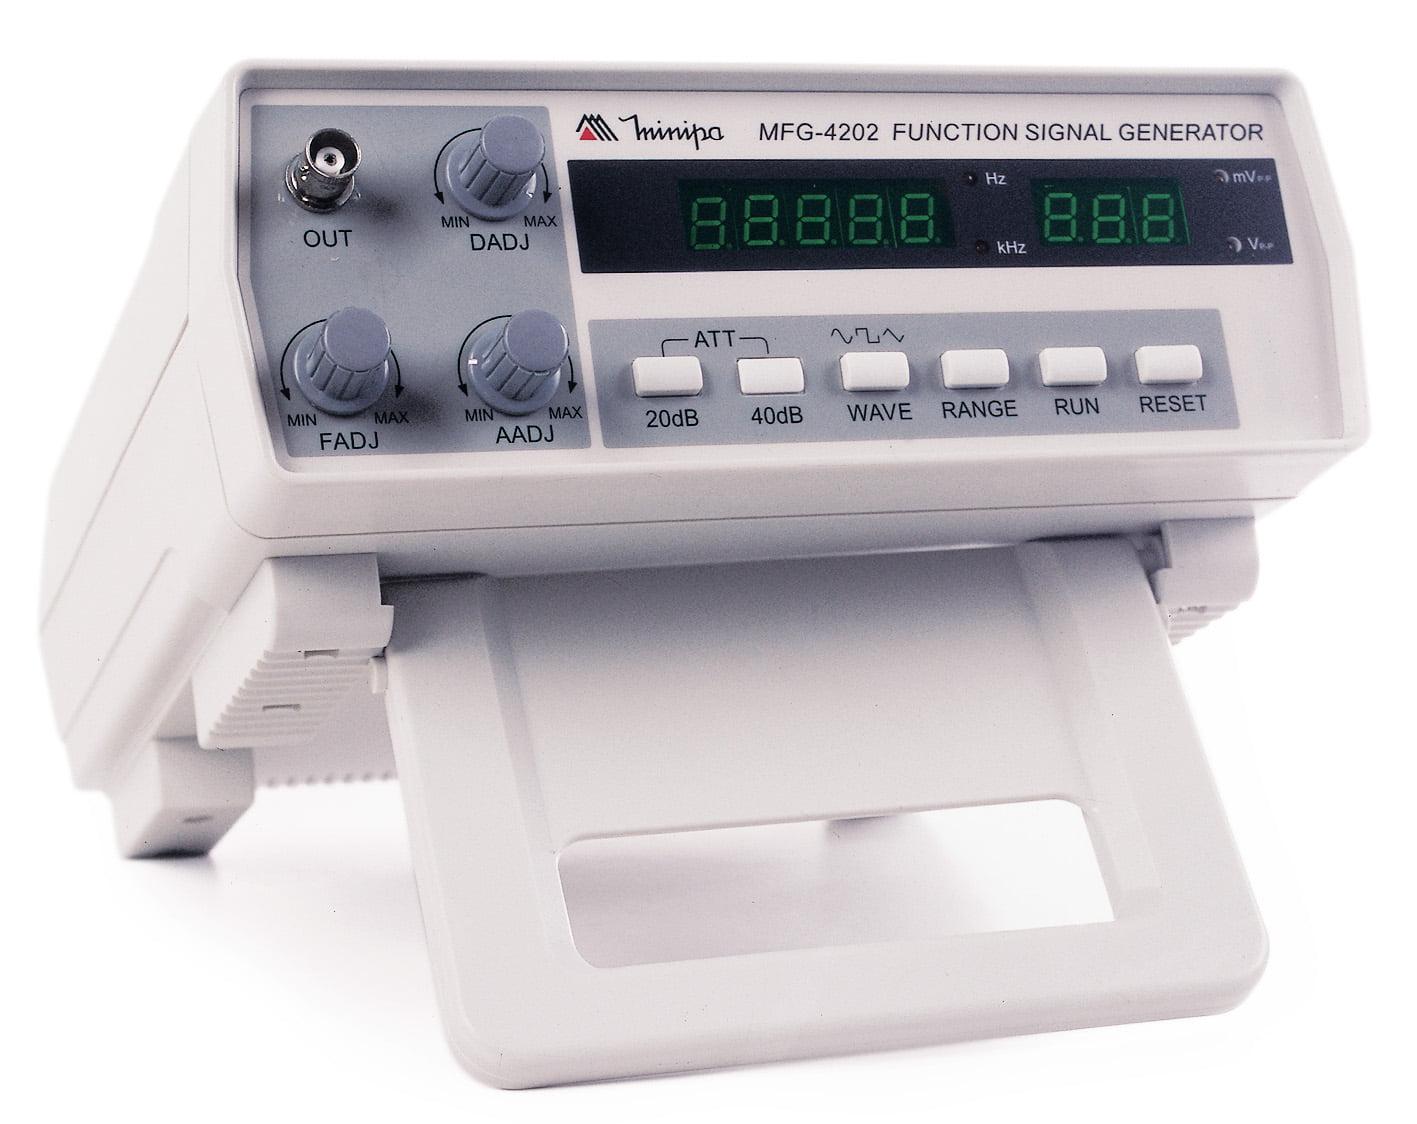 Gerador de Funções Digital 2 MHz, 5 díg - Minipa - MFG-4202